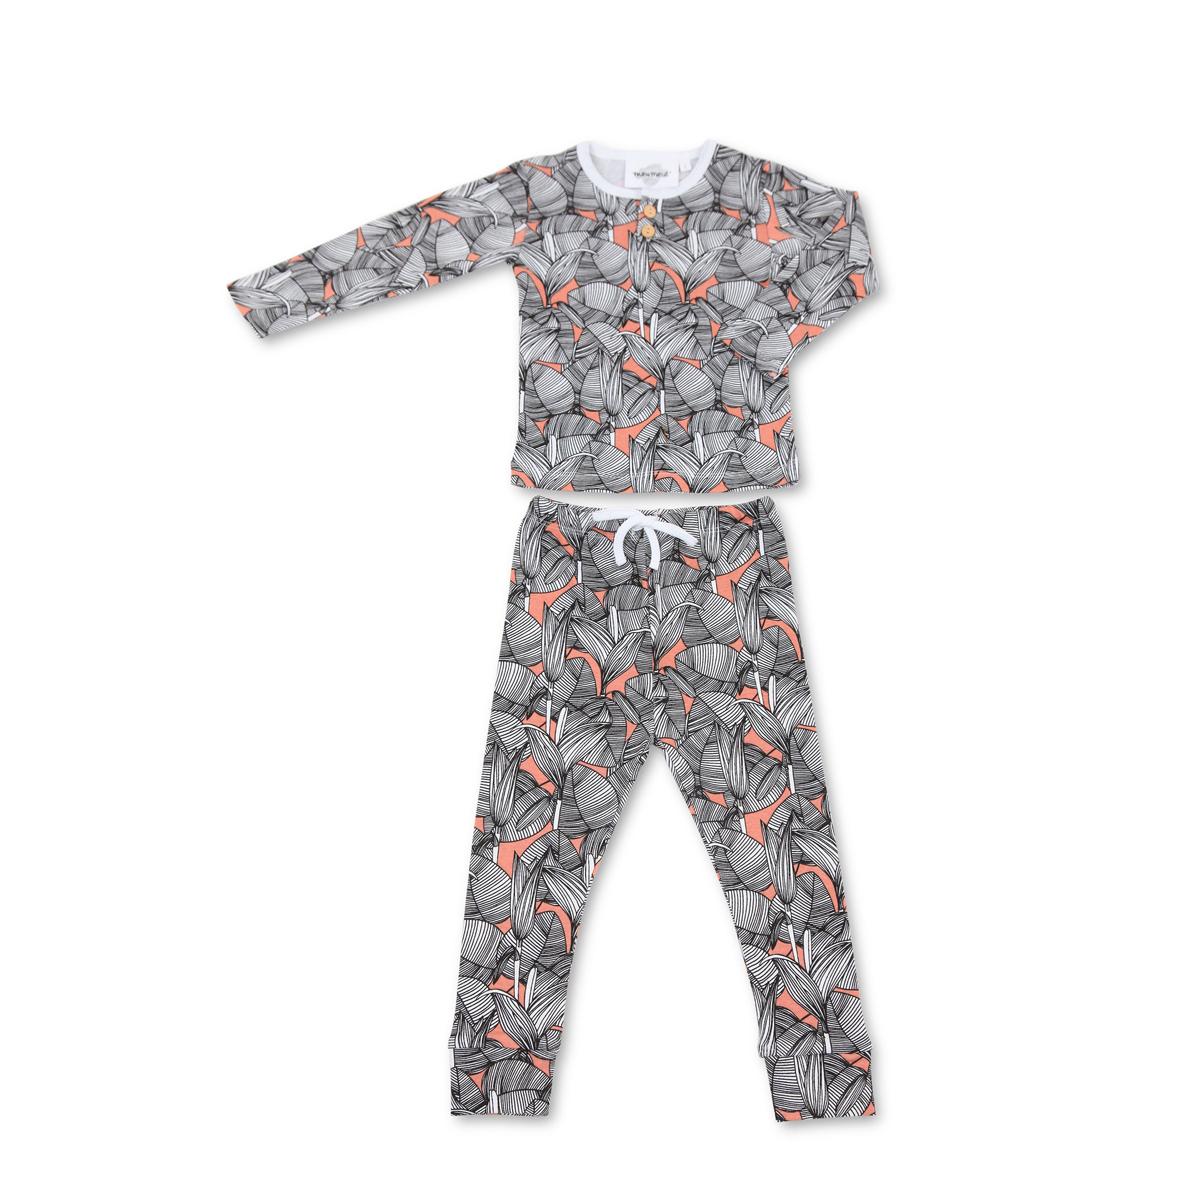 moumout pyjama o rs calla 2 ans body et pyjama moumout sur l 39 armoire de b b. Black Bedroom Furniture Sets. Home Design Ideas